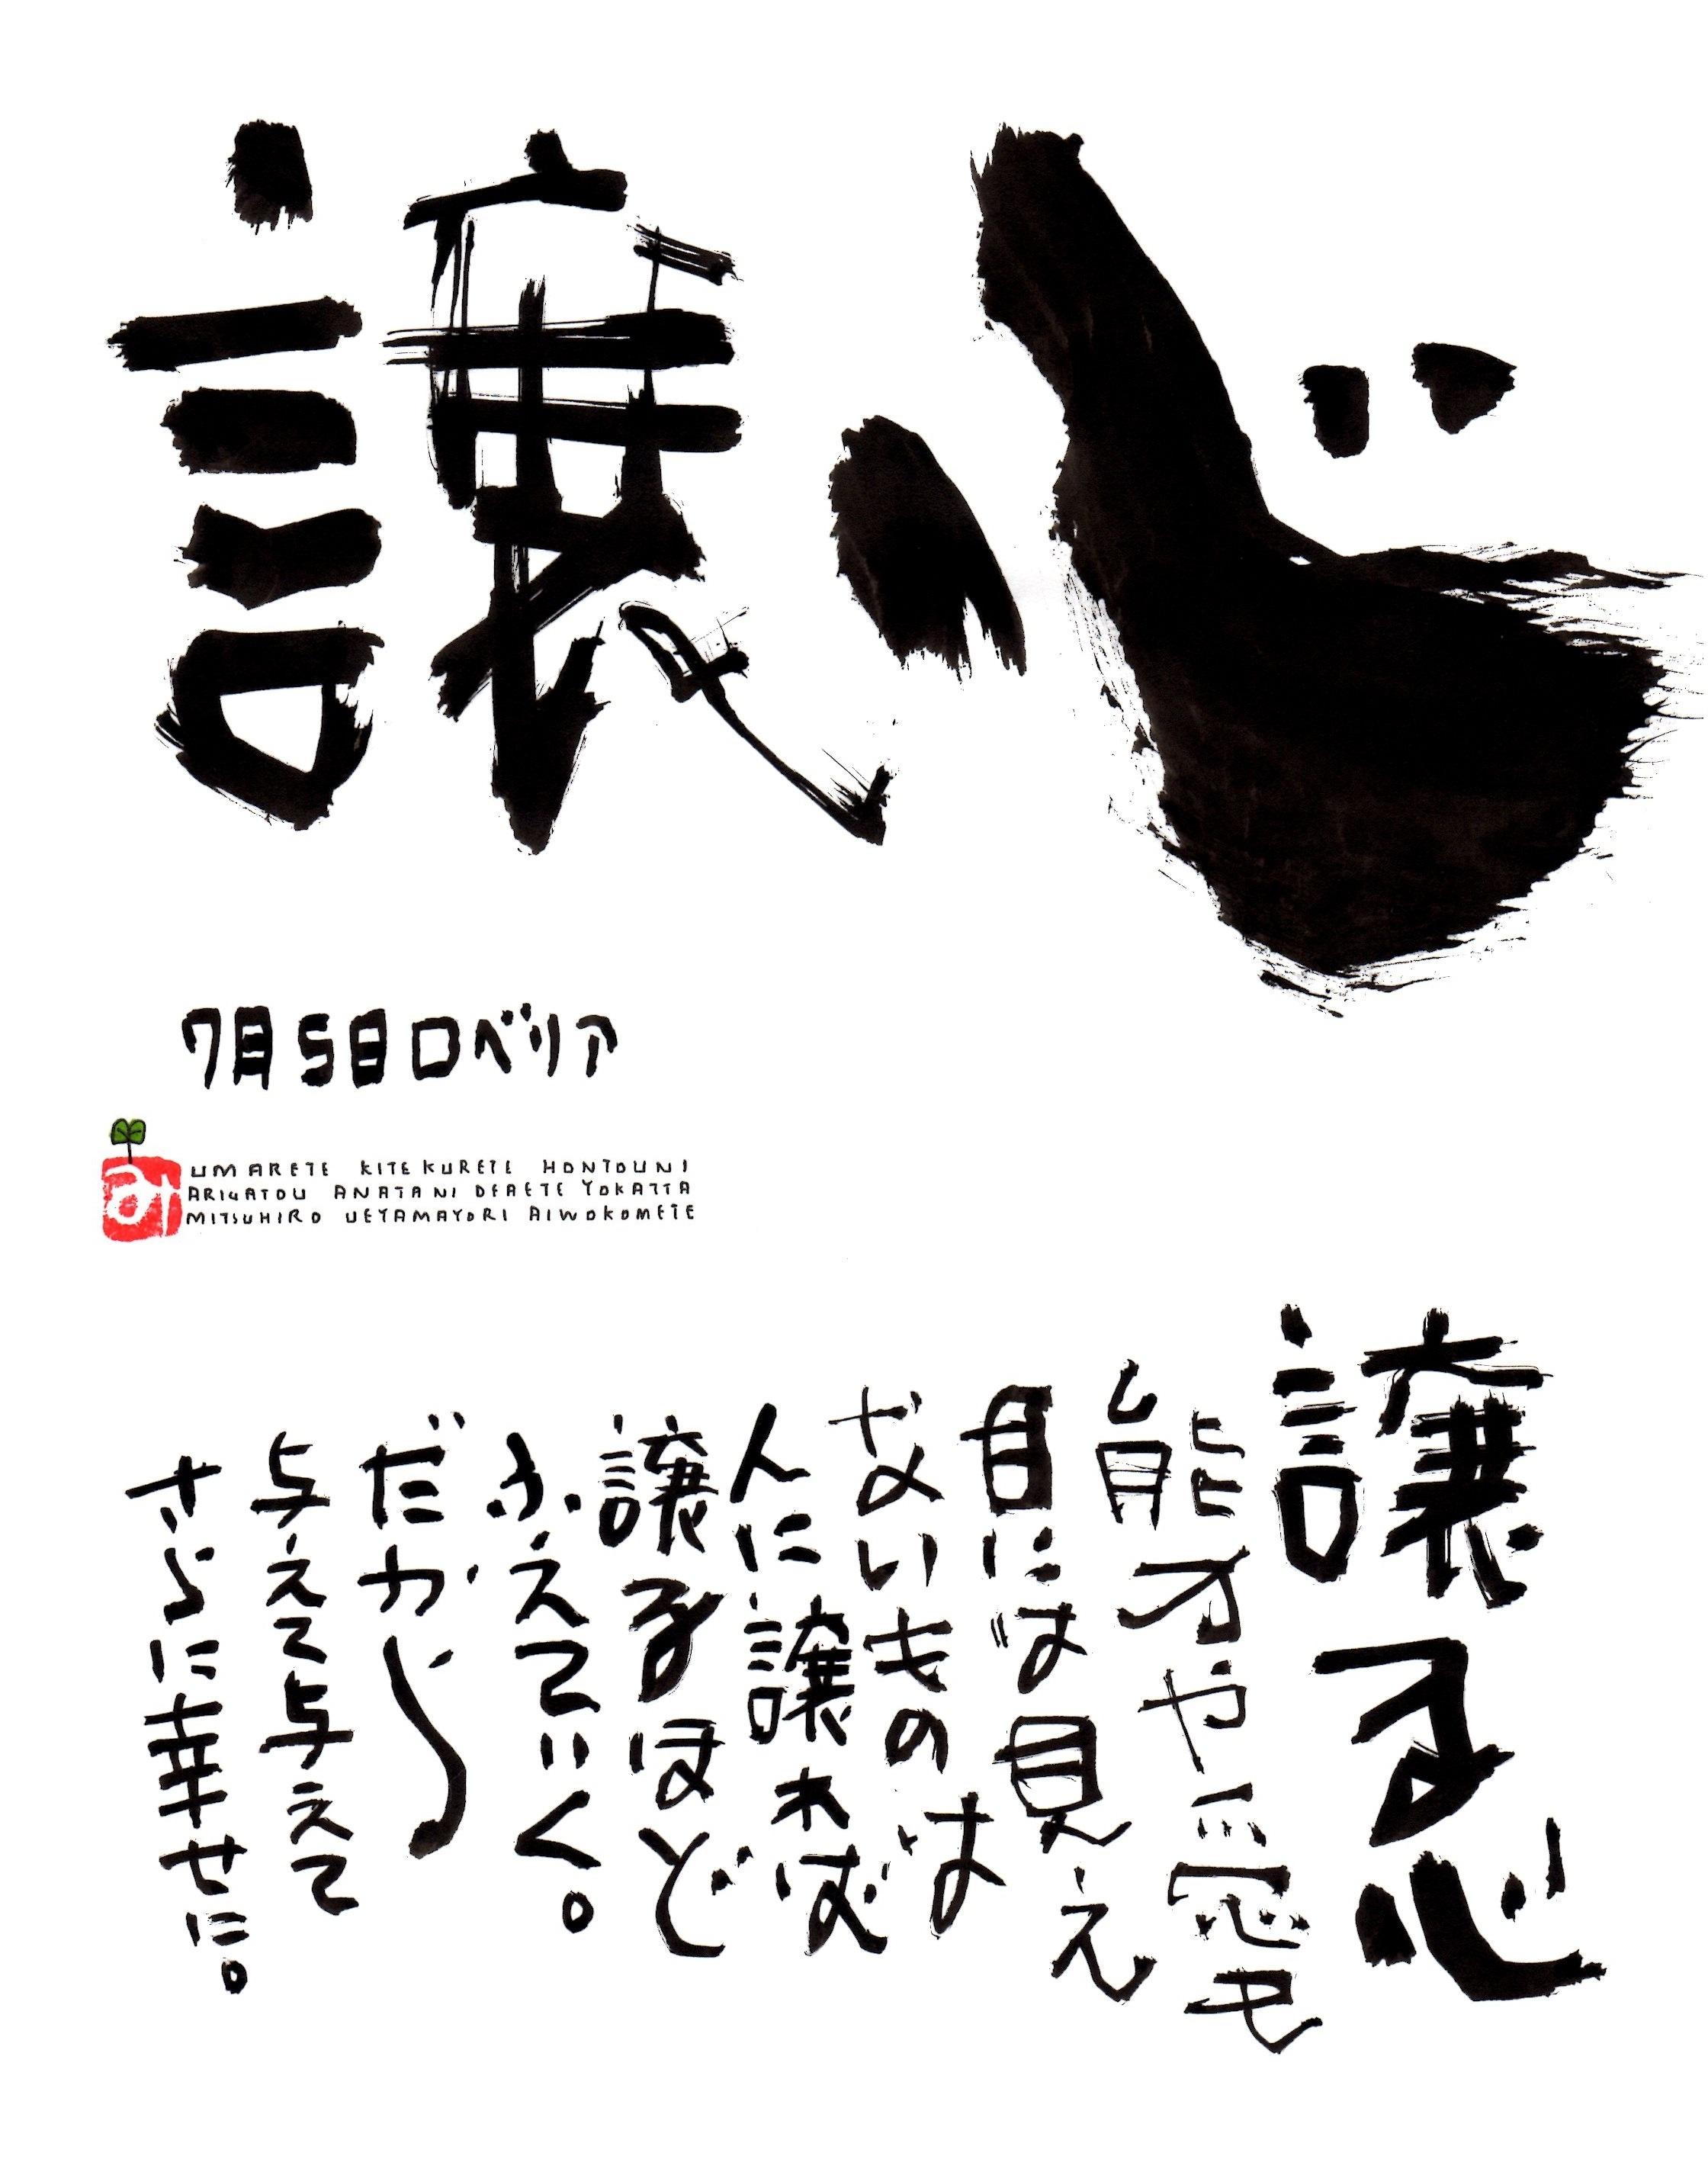 7月5日 誕生日ポストカード【譲心】Heart to yield